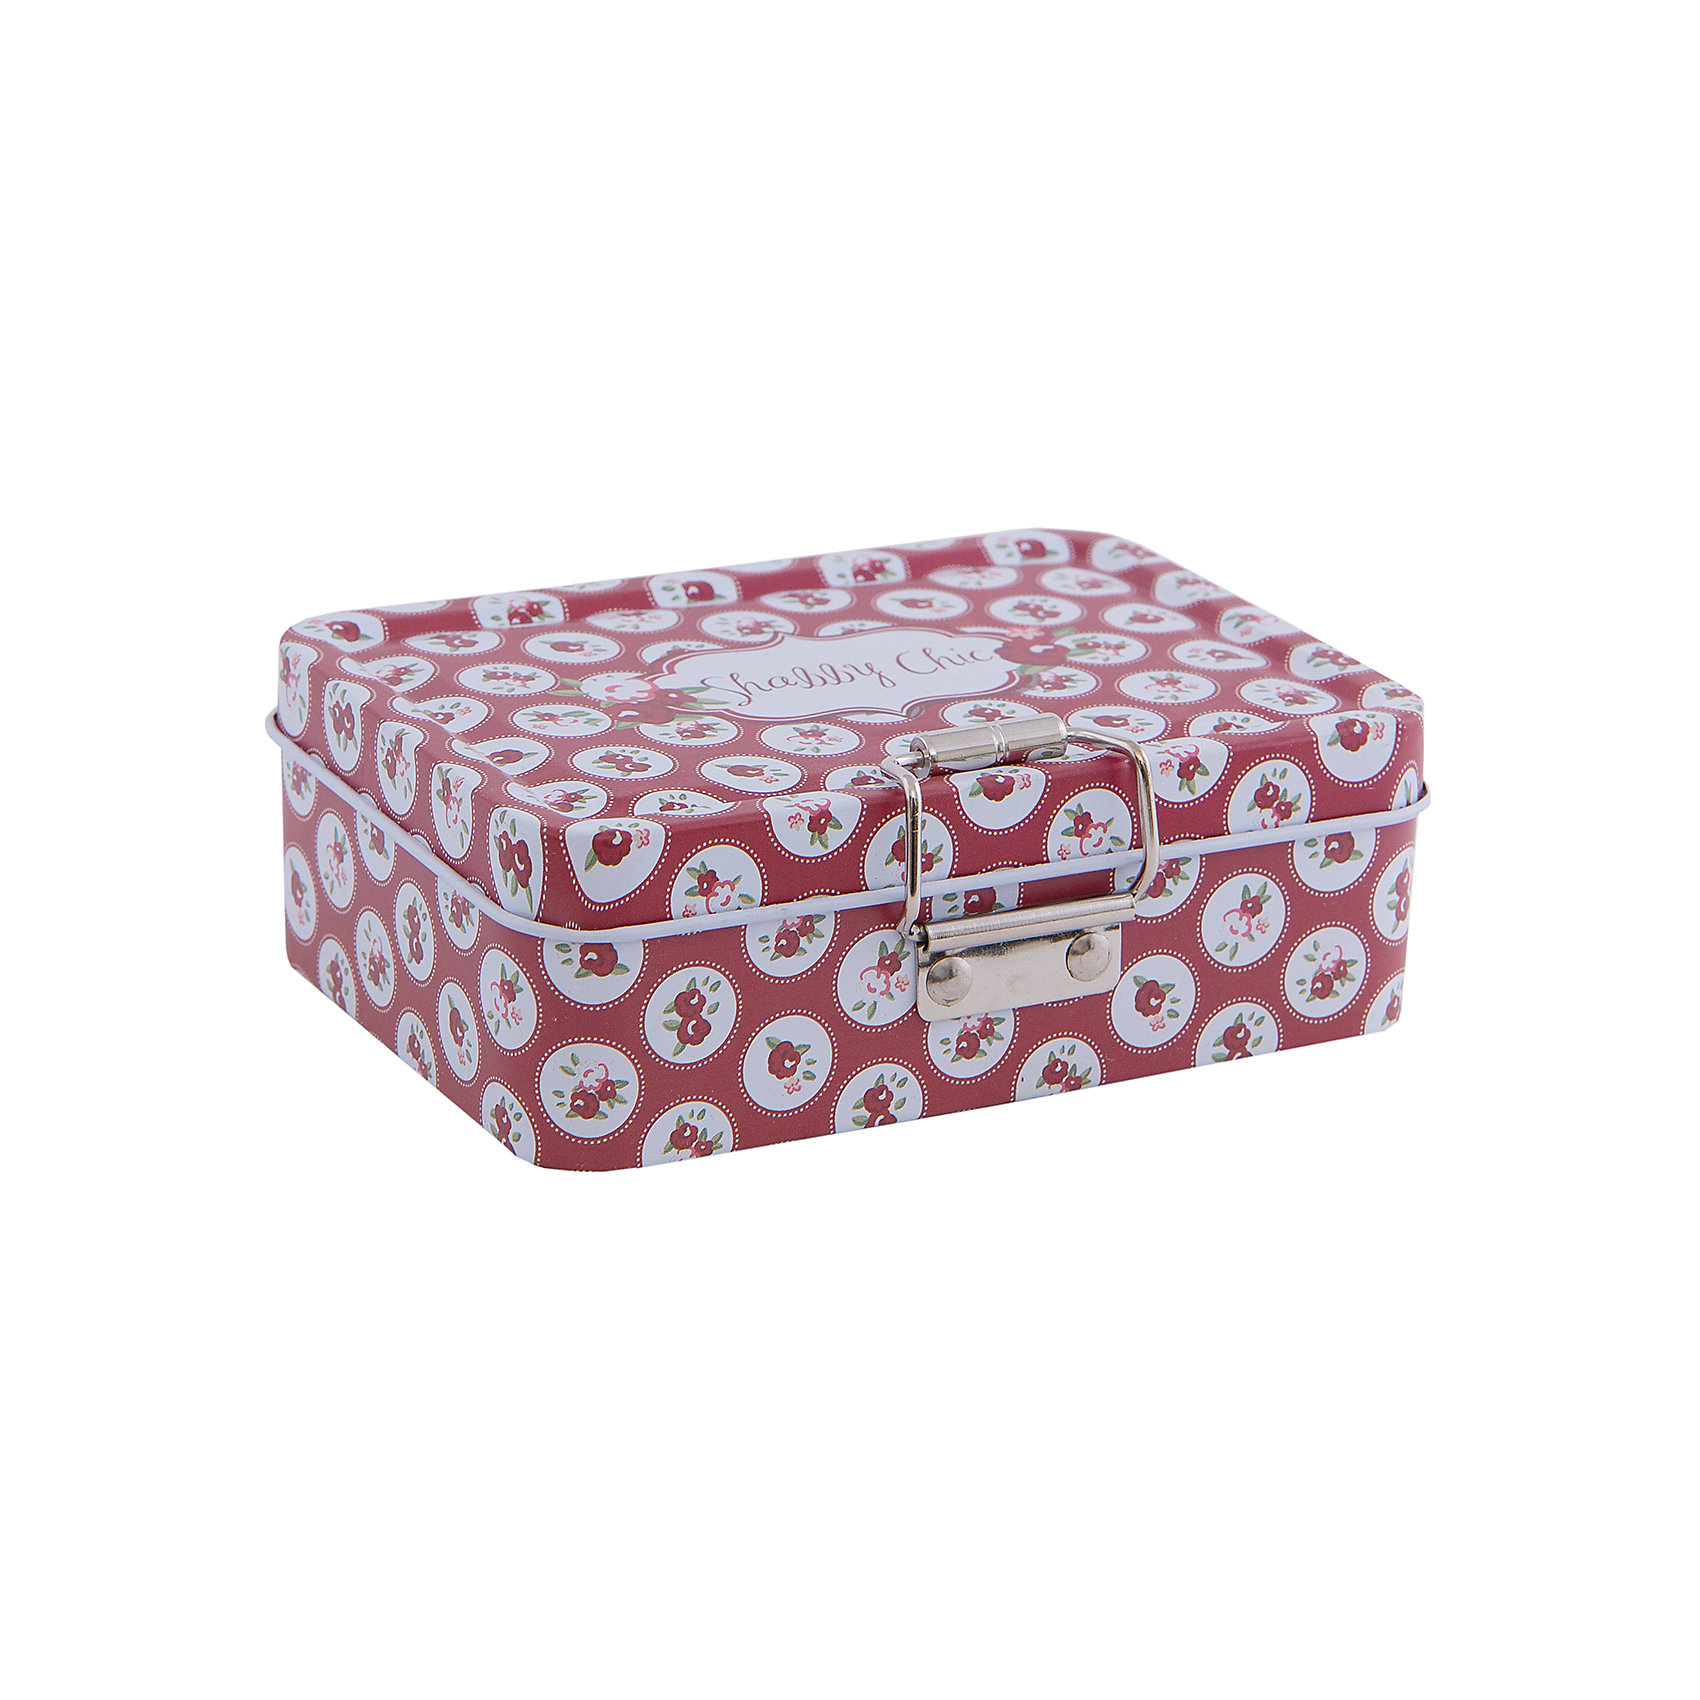 Коробка для безделушек и мелочей Шебби шик красная (12.5*9*4см)Коробка для безделушек и мелочей Шебби шик красная изготовлена из металла, закрывается крышкой и застежкой, есть съемное отделение. Коробка украшена симпатичным рисунком, достаточно вместительная и отлично подойдет для хранения небольших вещей. Такая коробка приятно дополнит интерьер комнаты или станет восхитительным подарком близкому человеку.<br><br>Дополнительная информация:<br>Дополнительное съемное отделение<br>Материал:  металл<br>Размер: 12,5х9х4 см<br>Коробку для безделушек и мелочей Шебби шик красная вы можете купить в нашем интернет-магазине.<br><br>Ширина мм: 310<br>Глубина мм: 460<br>Высота мм: 460<br>Вес г: 151<br>Возраст от месяцев: 84<br>Возраст до месяцев: 216<br>Пол: Унисекс<br>Возраст: Детский<br>SKU: 4957959